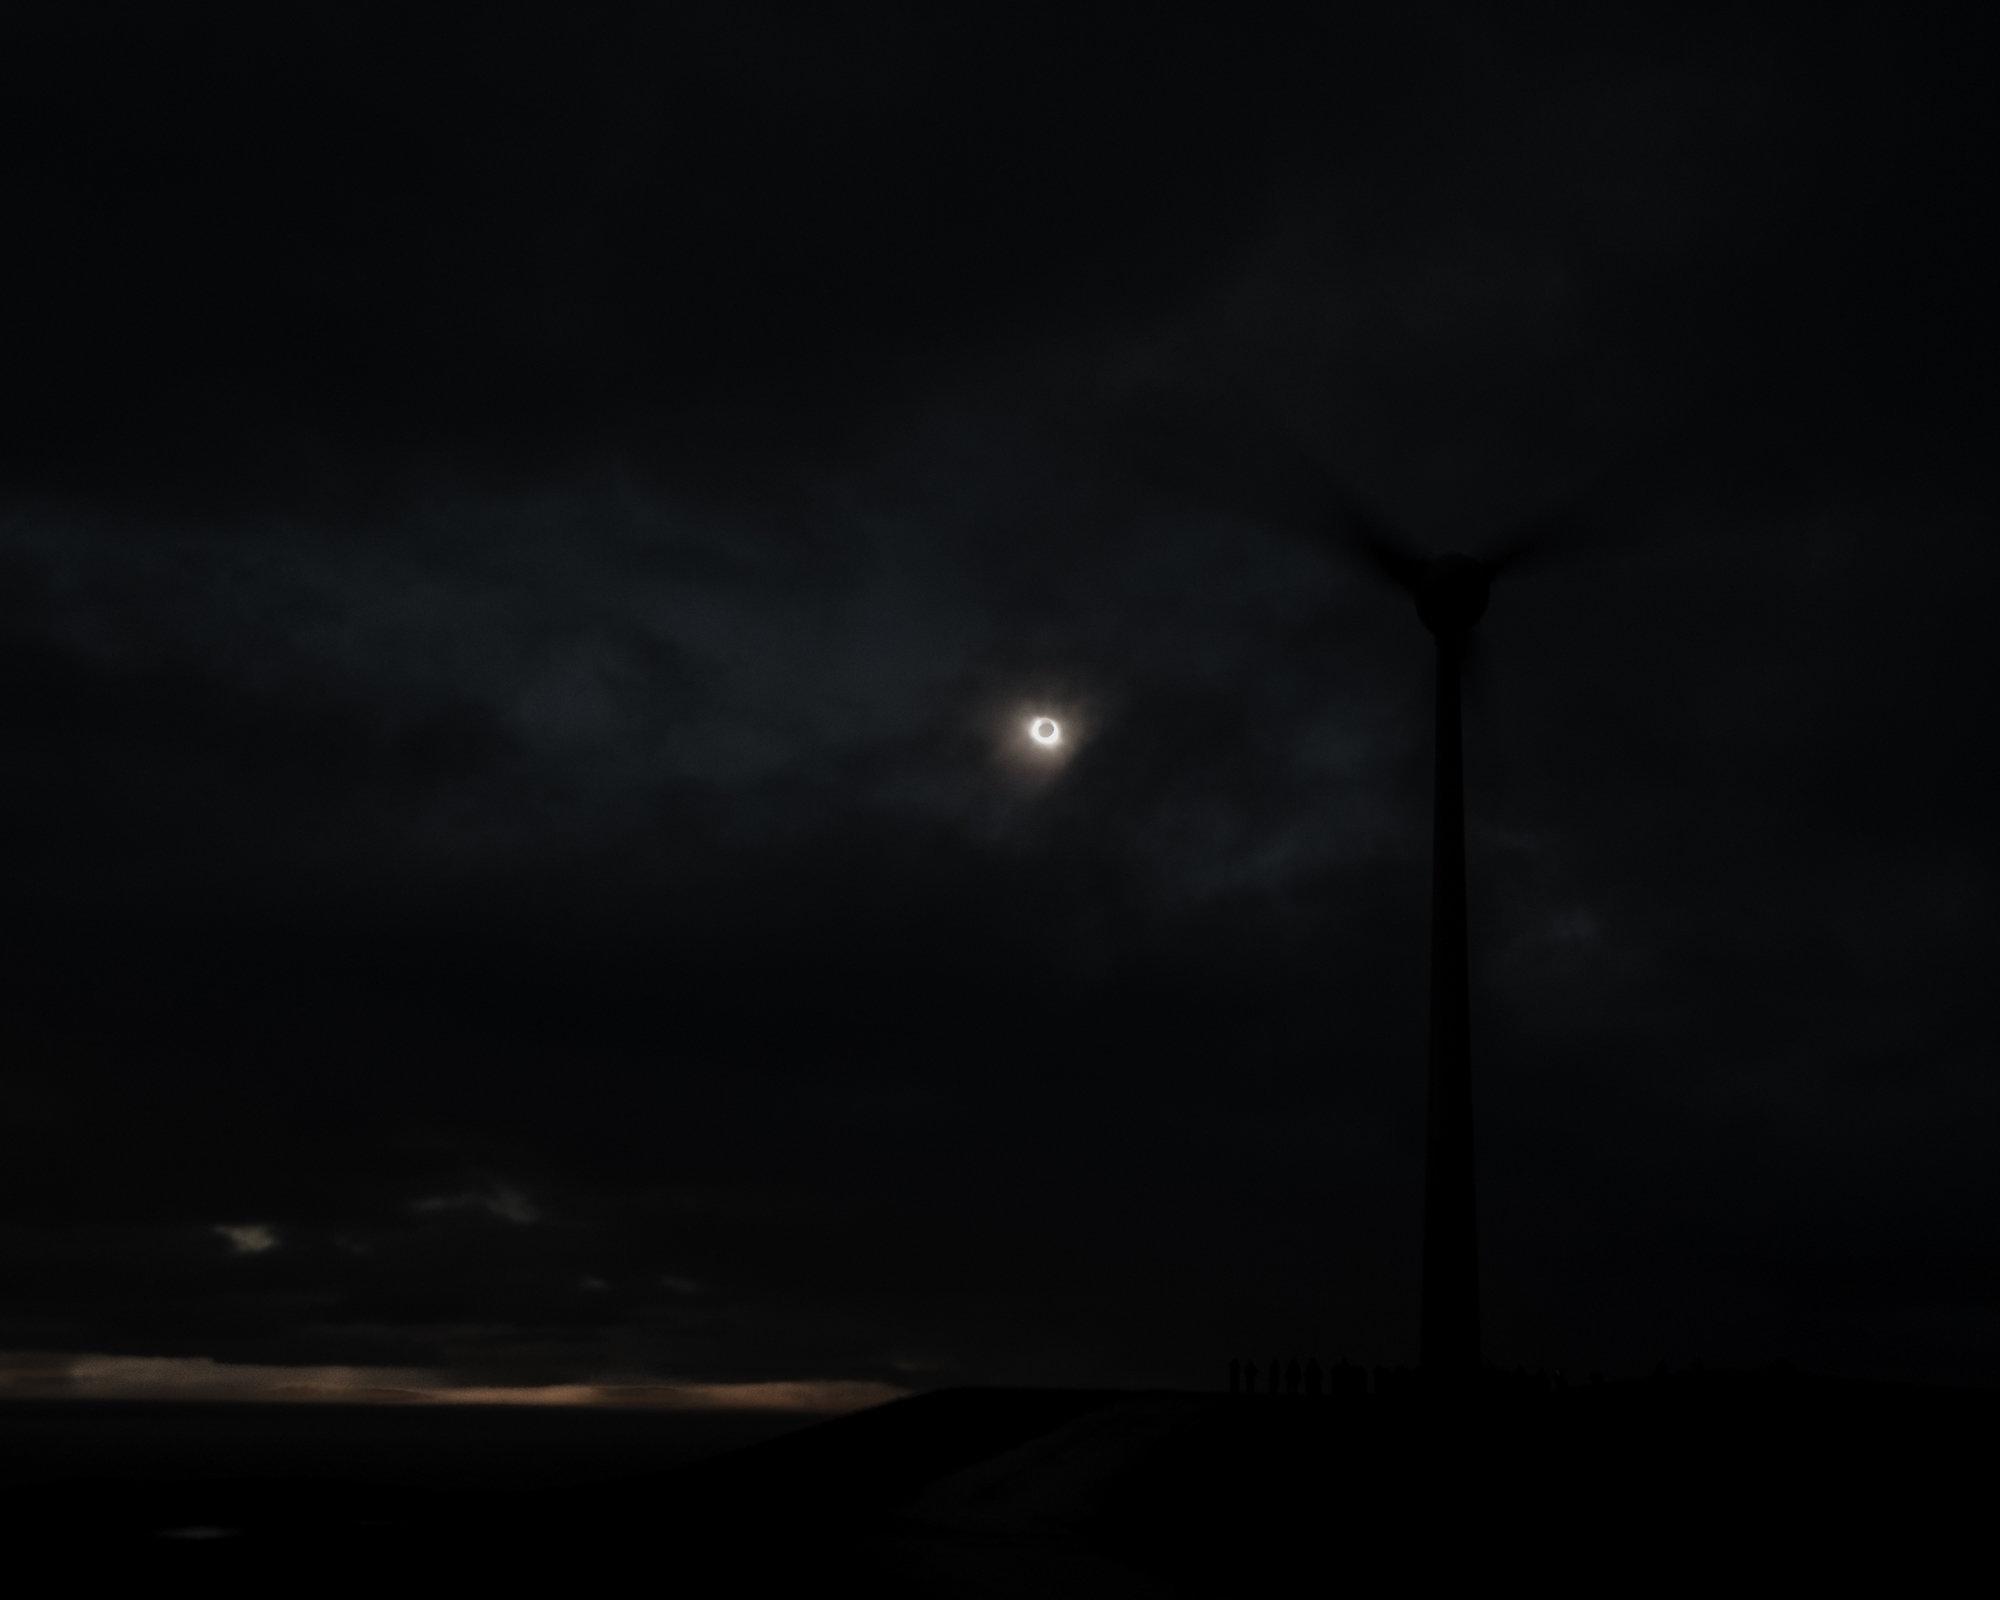 Faroe_Eclipse-9508.JPG